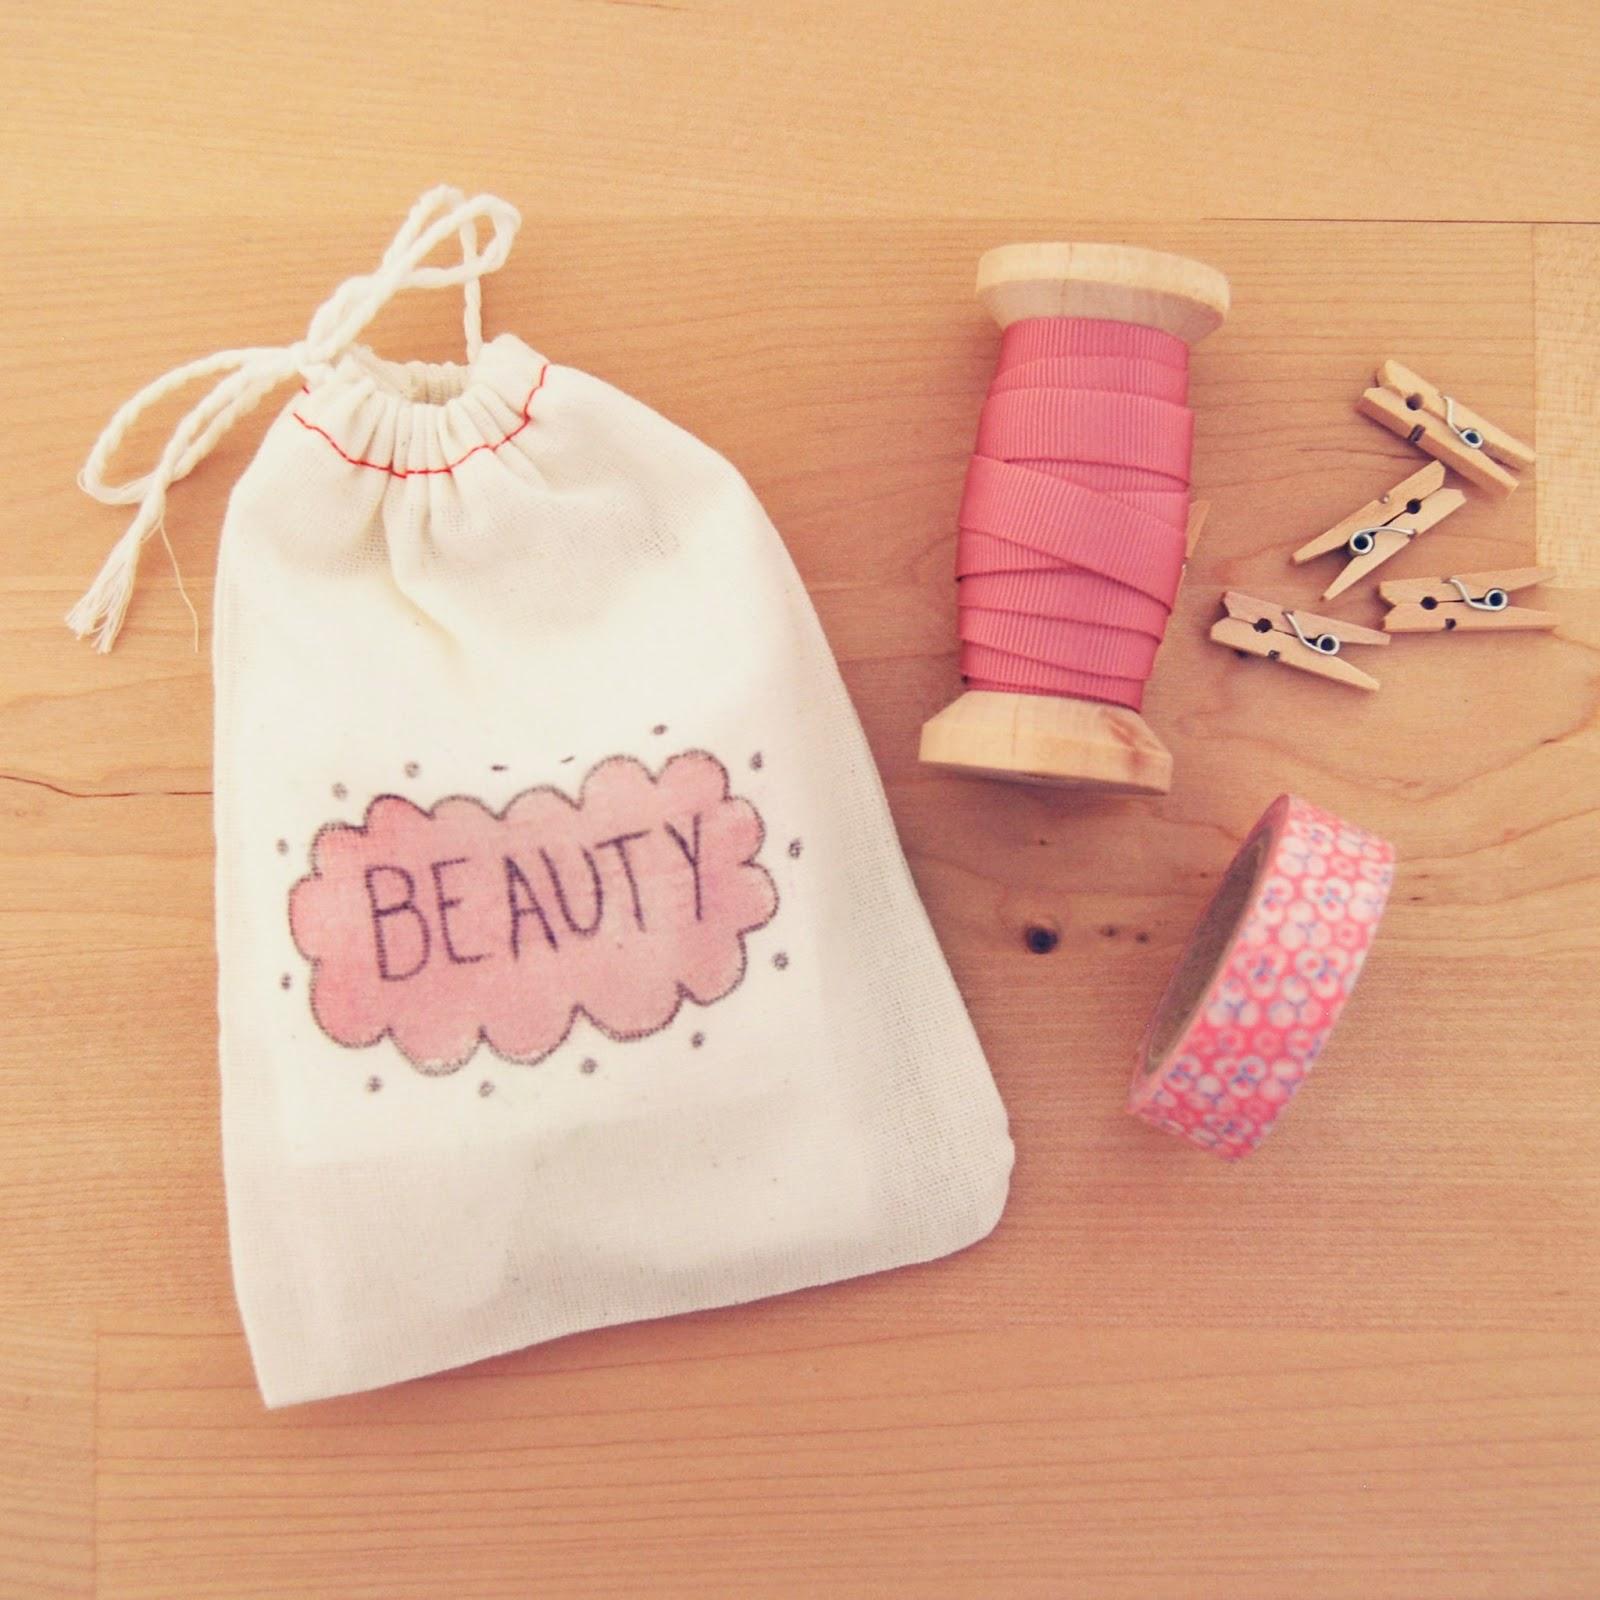 Mimosa y estraza blog idea decorar bolsas de muselina - Bolsas para decorar ...